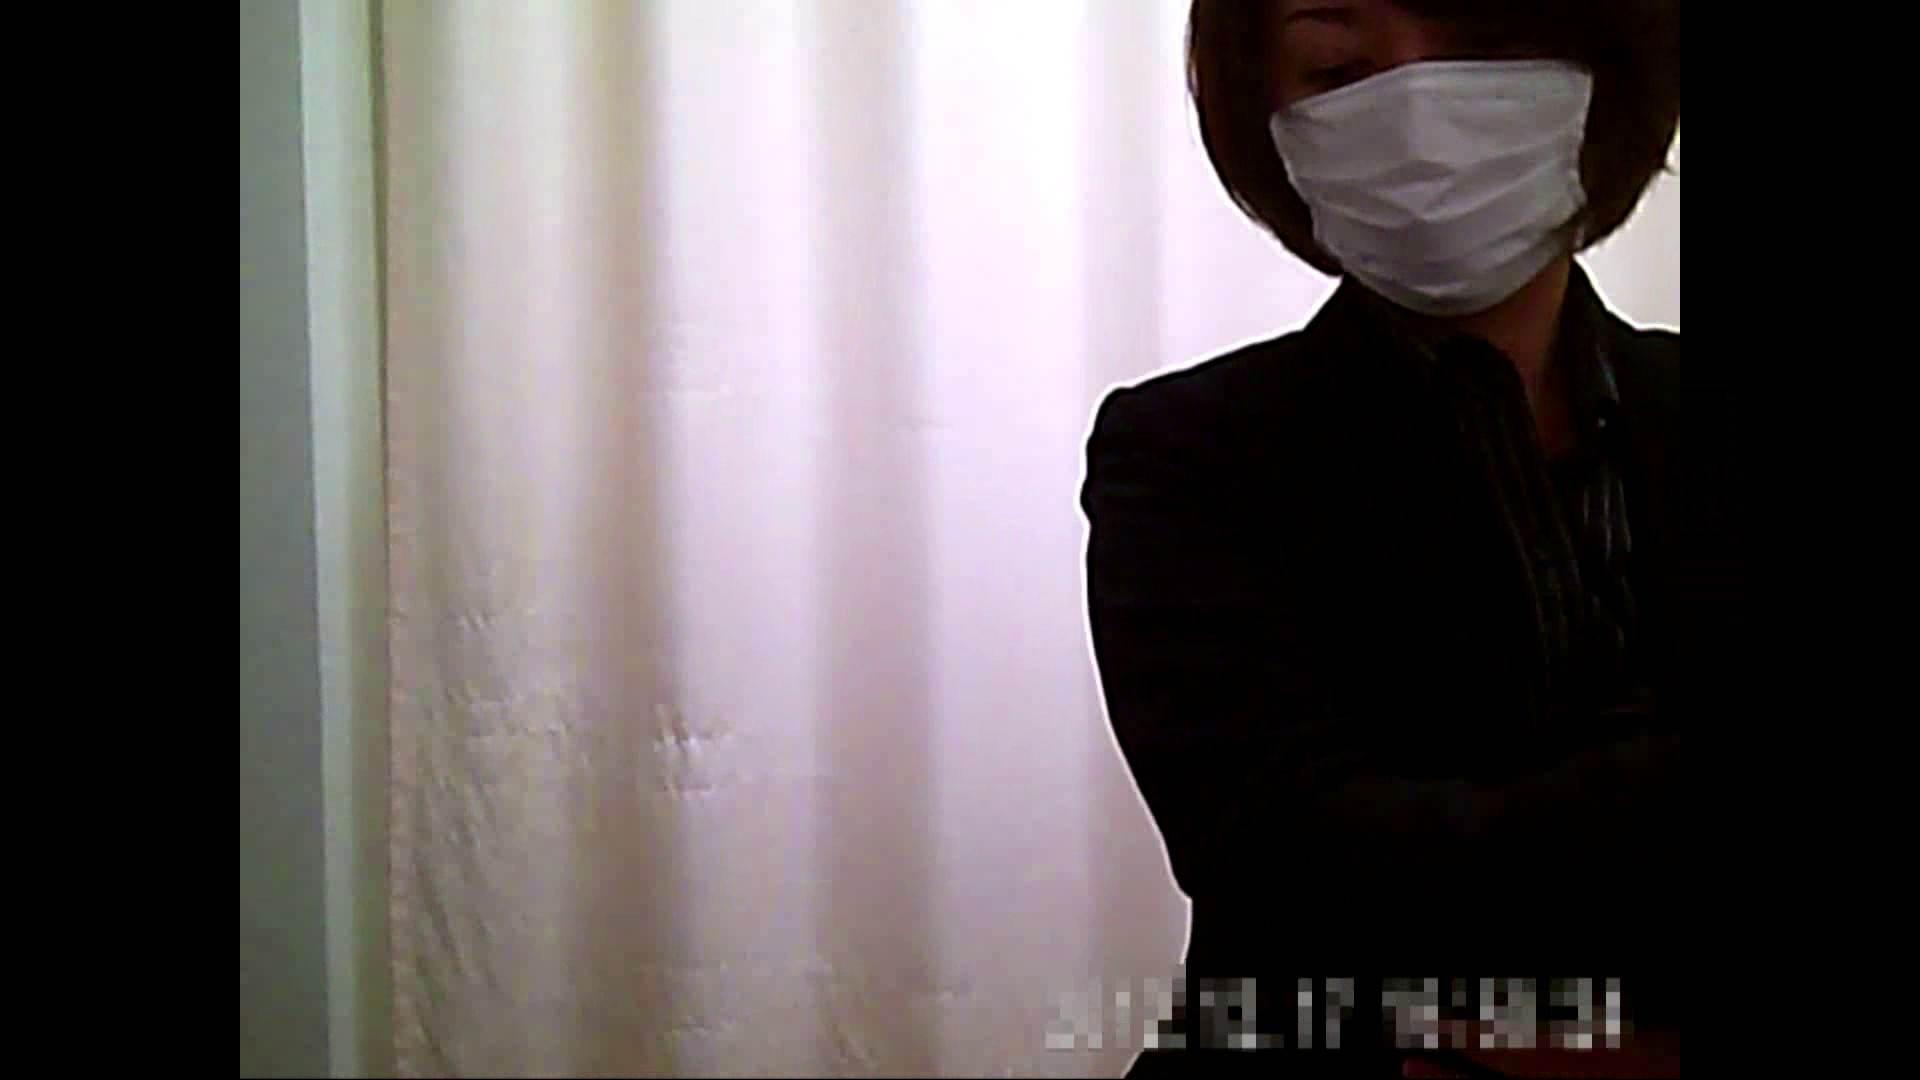 病院おもいっきり着替え! vol.180 OLの実態 盗撮オマンコ無修正動画無料 99pic 44